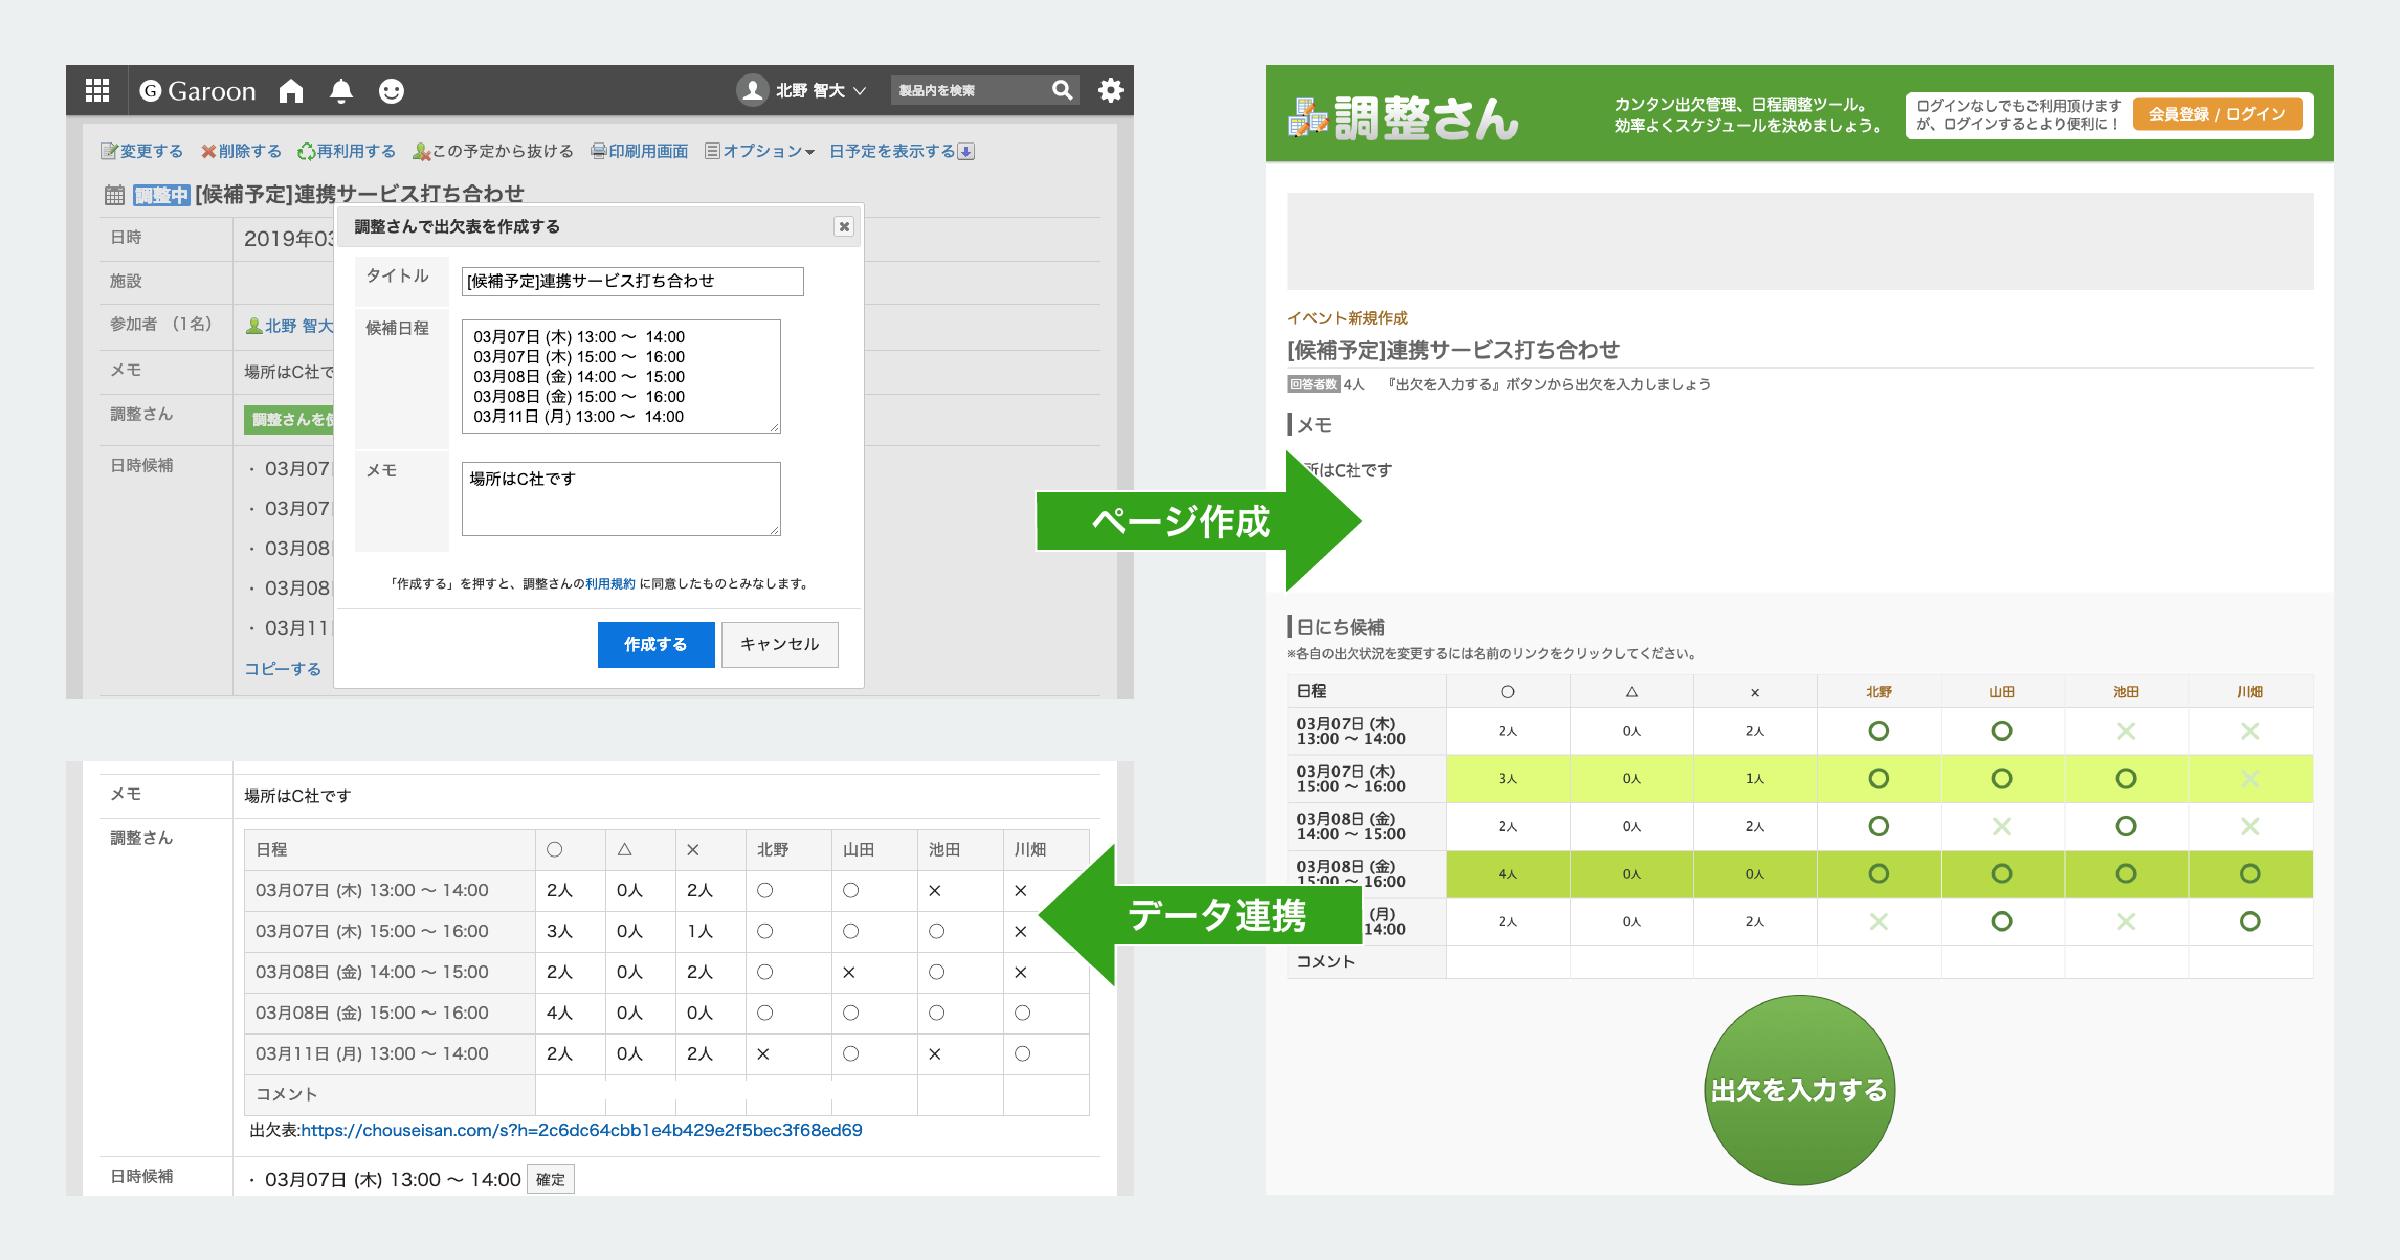 『サイボウズ Garoon×調整さん連携サービスβ版』イメージ